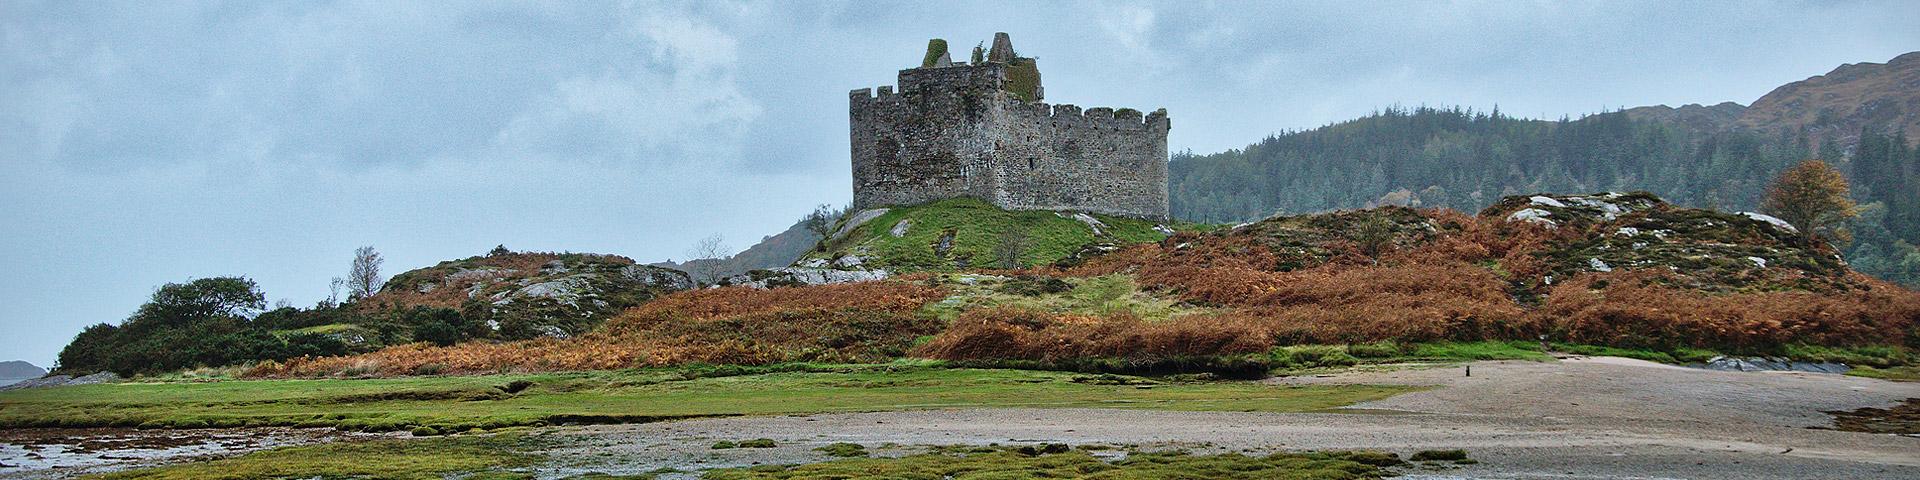 Castle Tioram, Lochaber